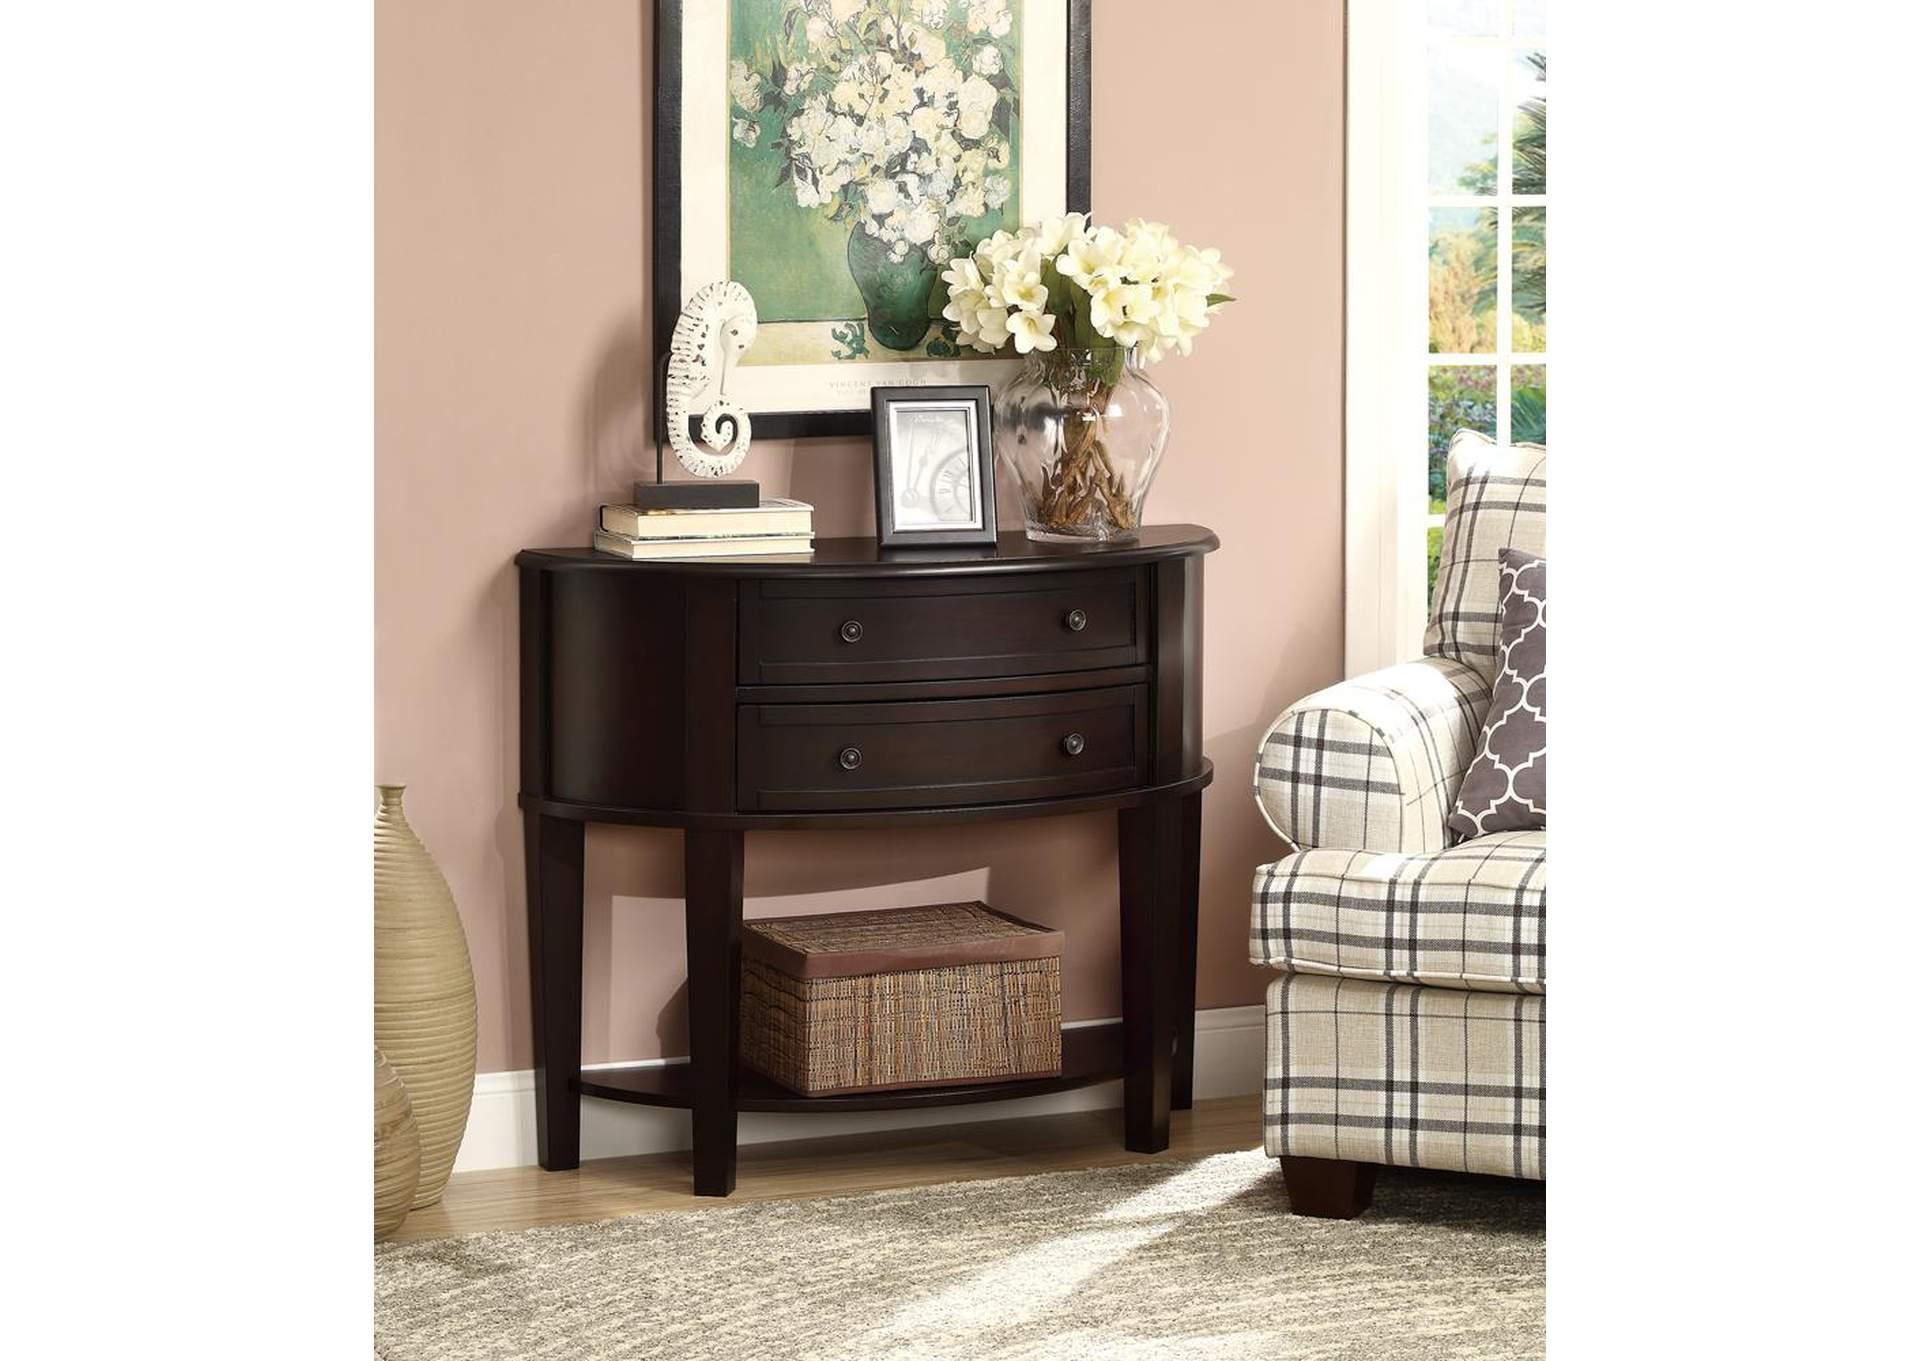 Chertok S Furniture Mattress Coatesville Pa Cappuccino Console